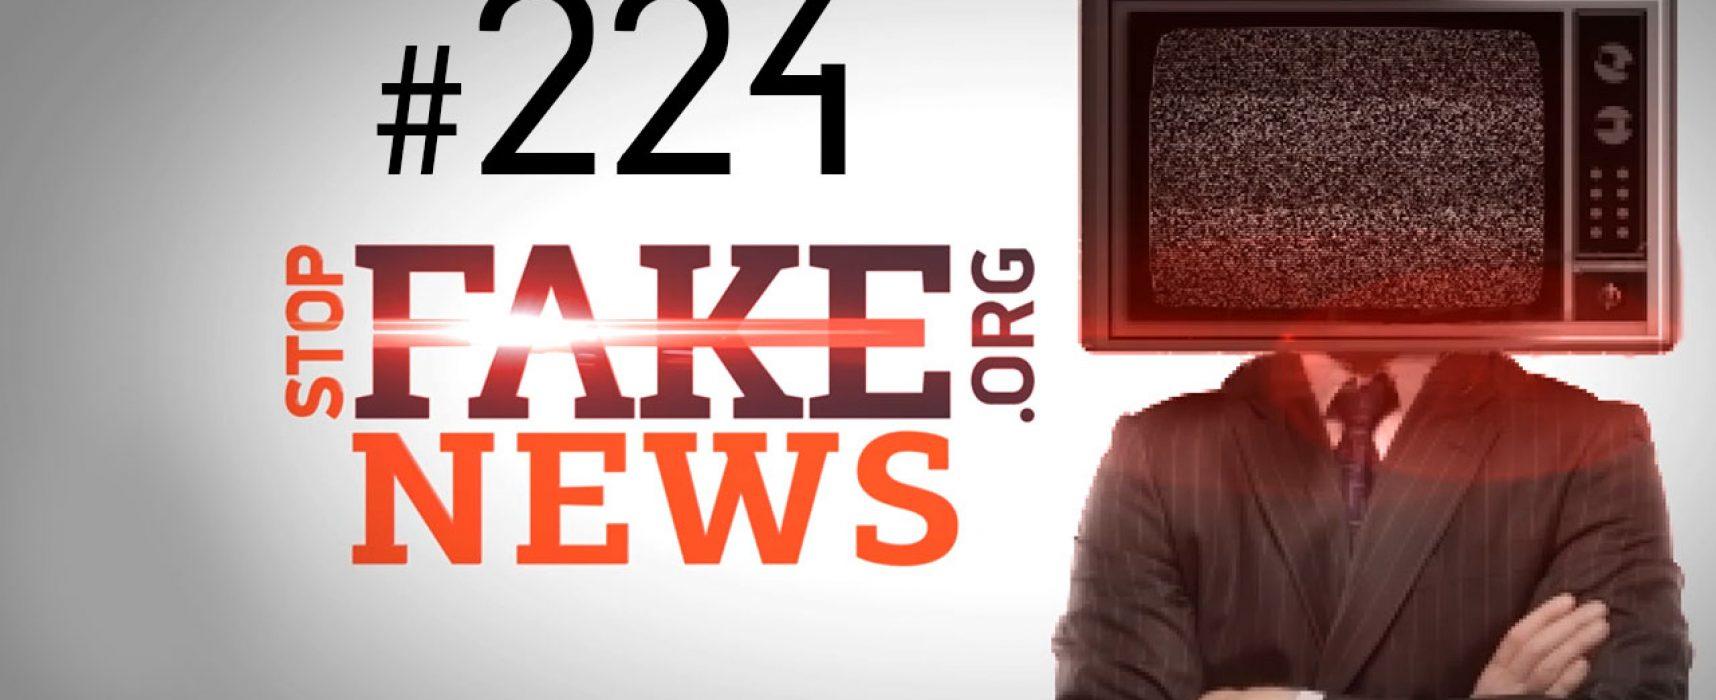 День Независимости Украины глазами российских СМИ — SFN #224